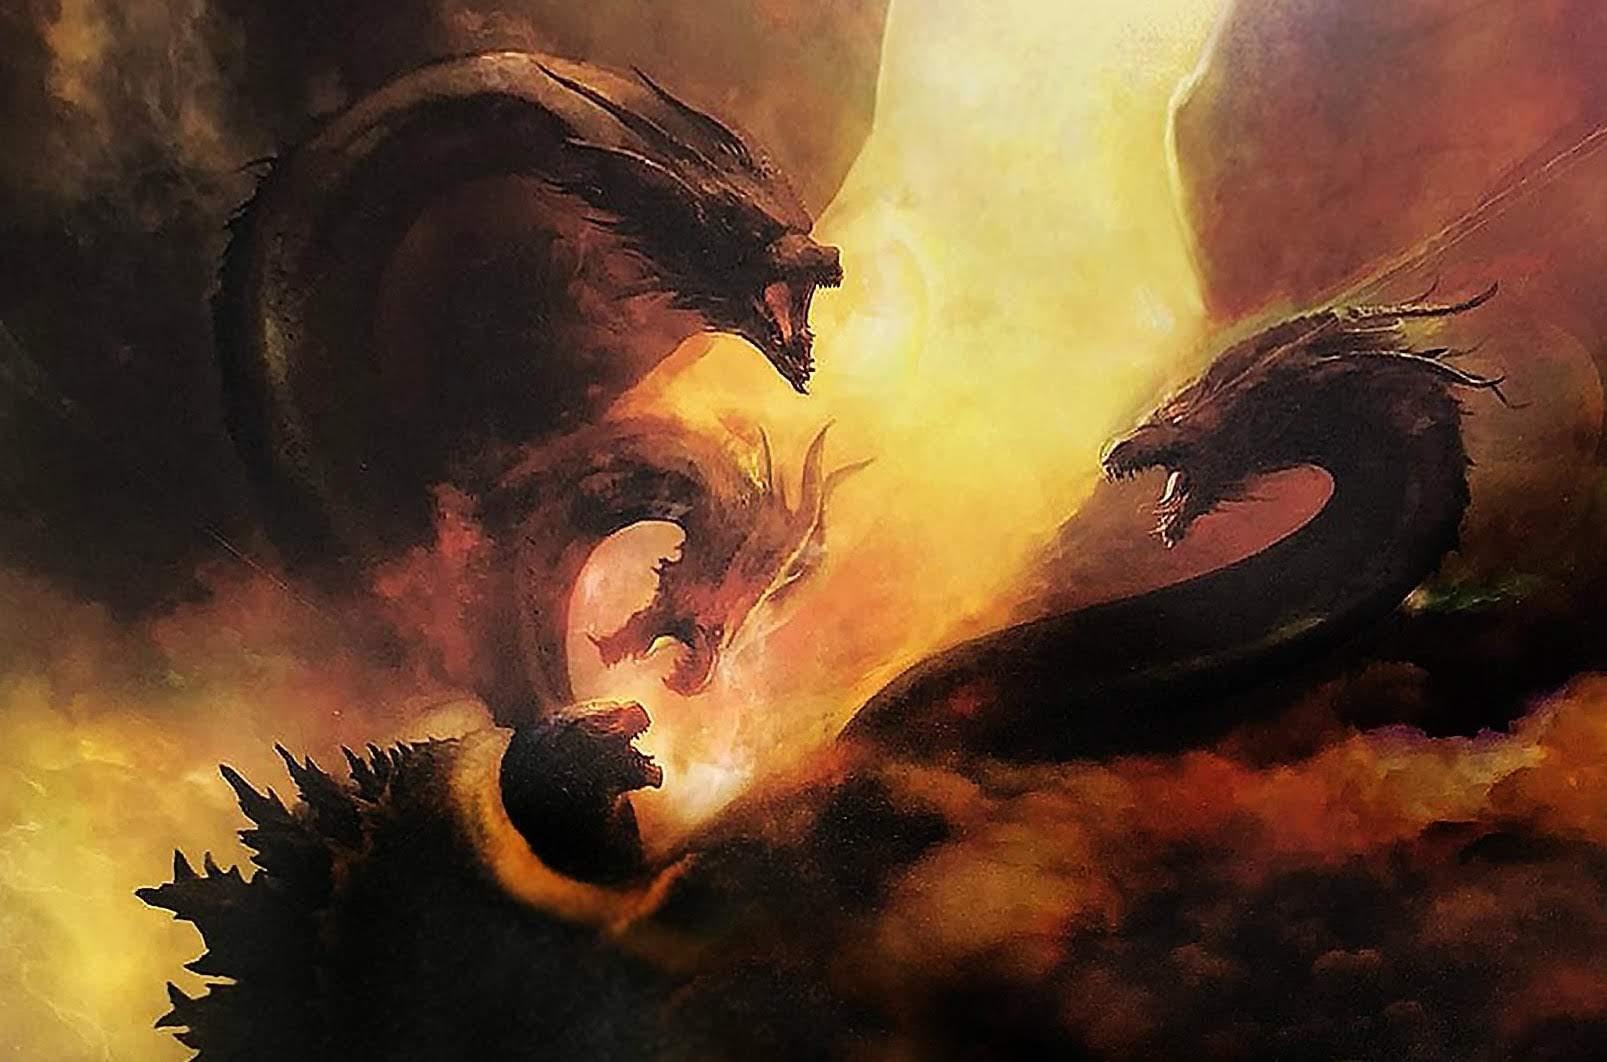 Godzilla : 宇宙超怪獣のキングギドラが襲ってきた ! !、ハリウッド版「ゴジラ」の第2弾「キング・オブ・ザ・モンスターズ」が、明日の新しい予告編のリリースに向けて、新たにチラ見せ ! !